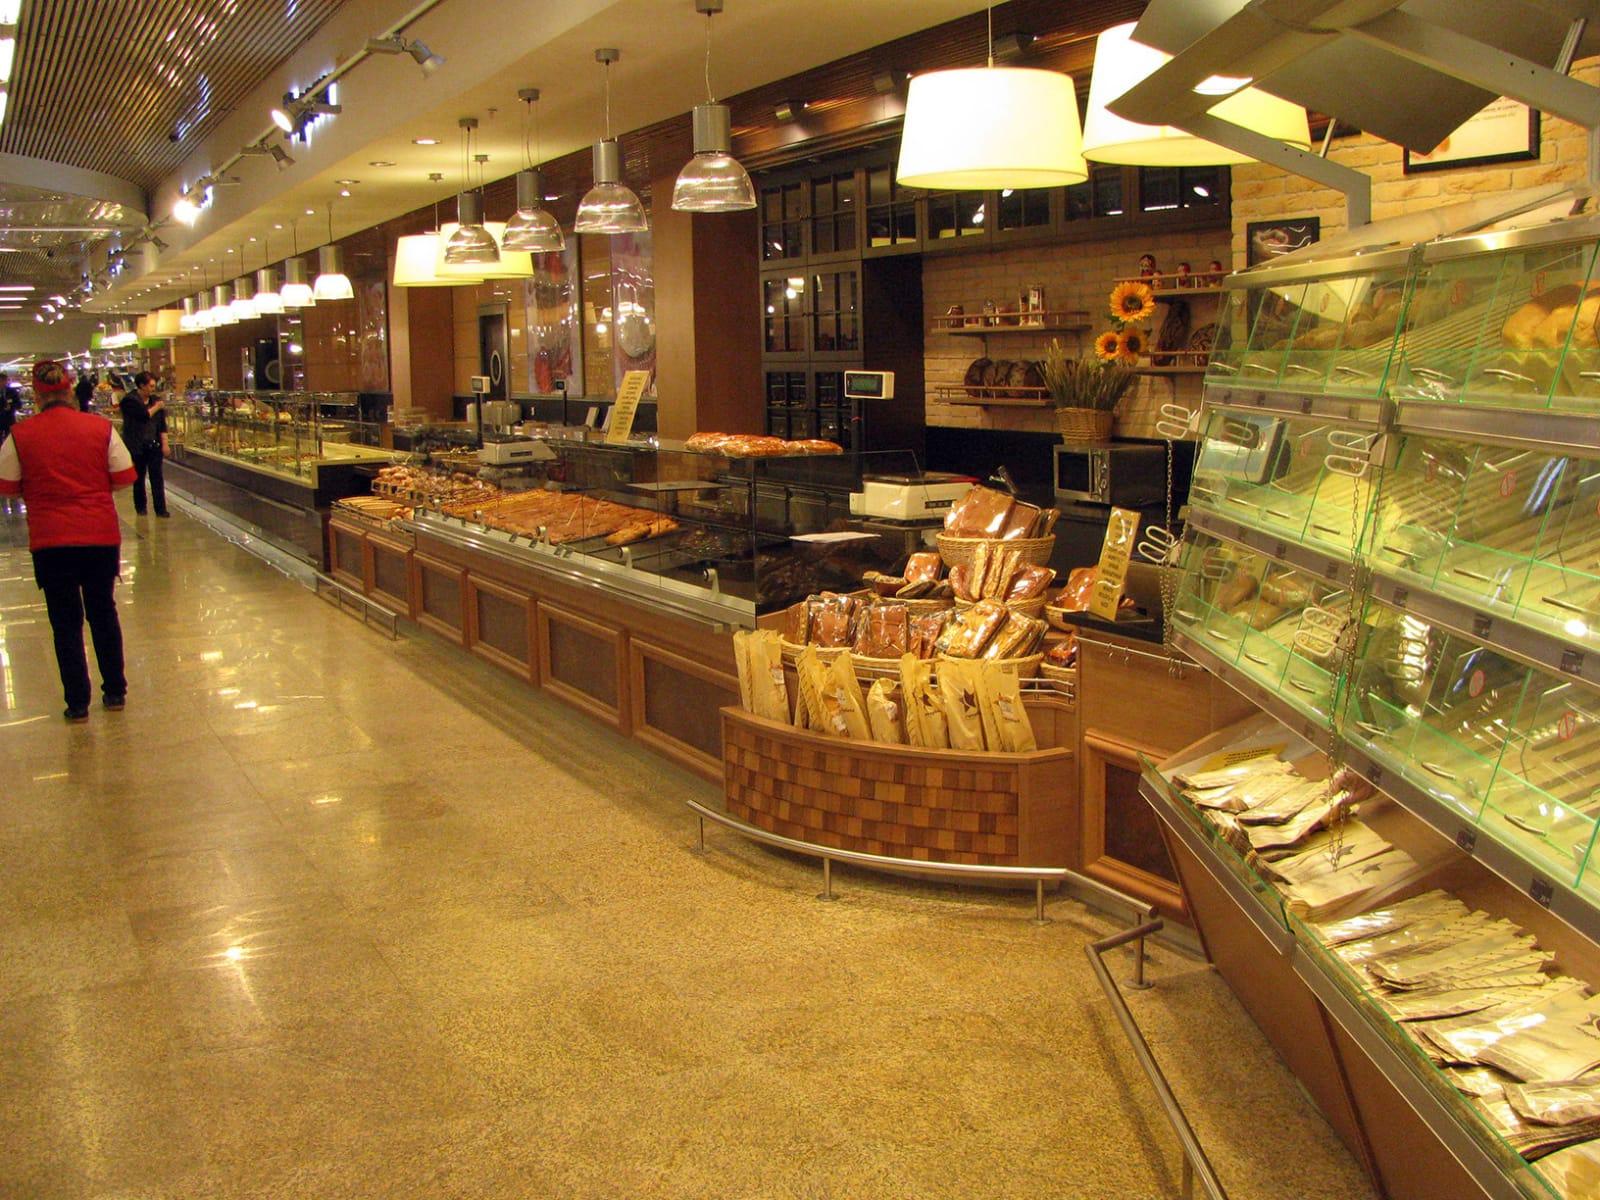 俄罗斯超市面包|大列巴|俄罗斯留学物价|俄罗斯超市物价|俄罗斯留学